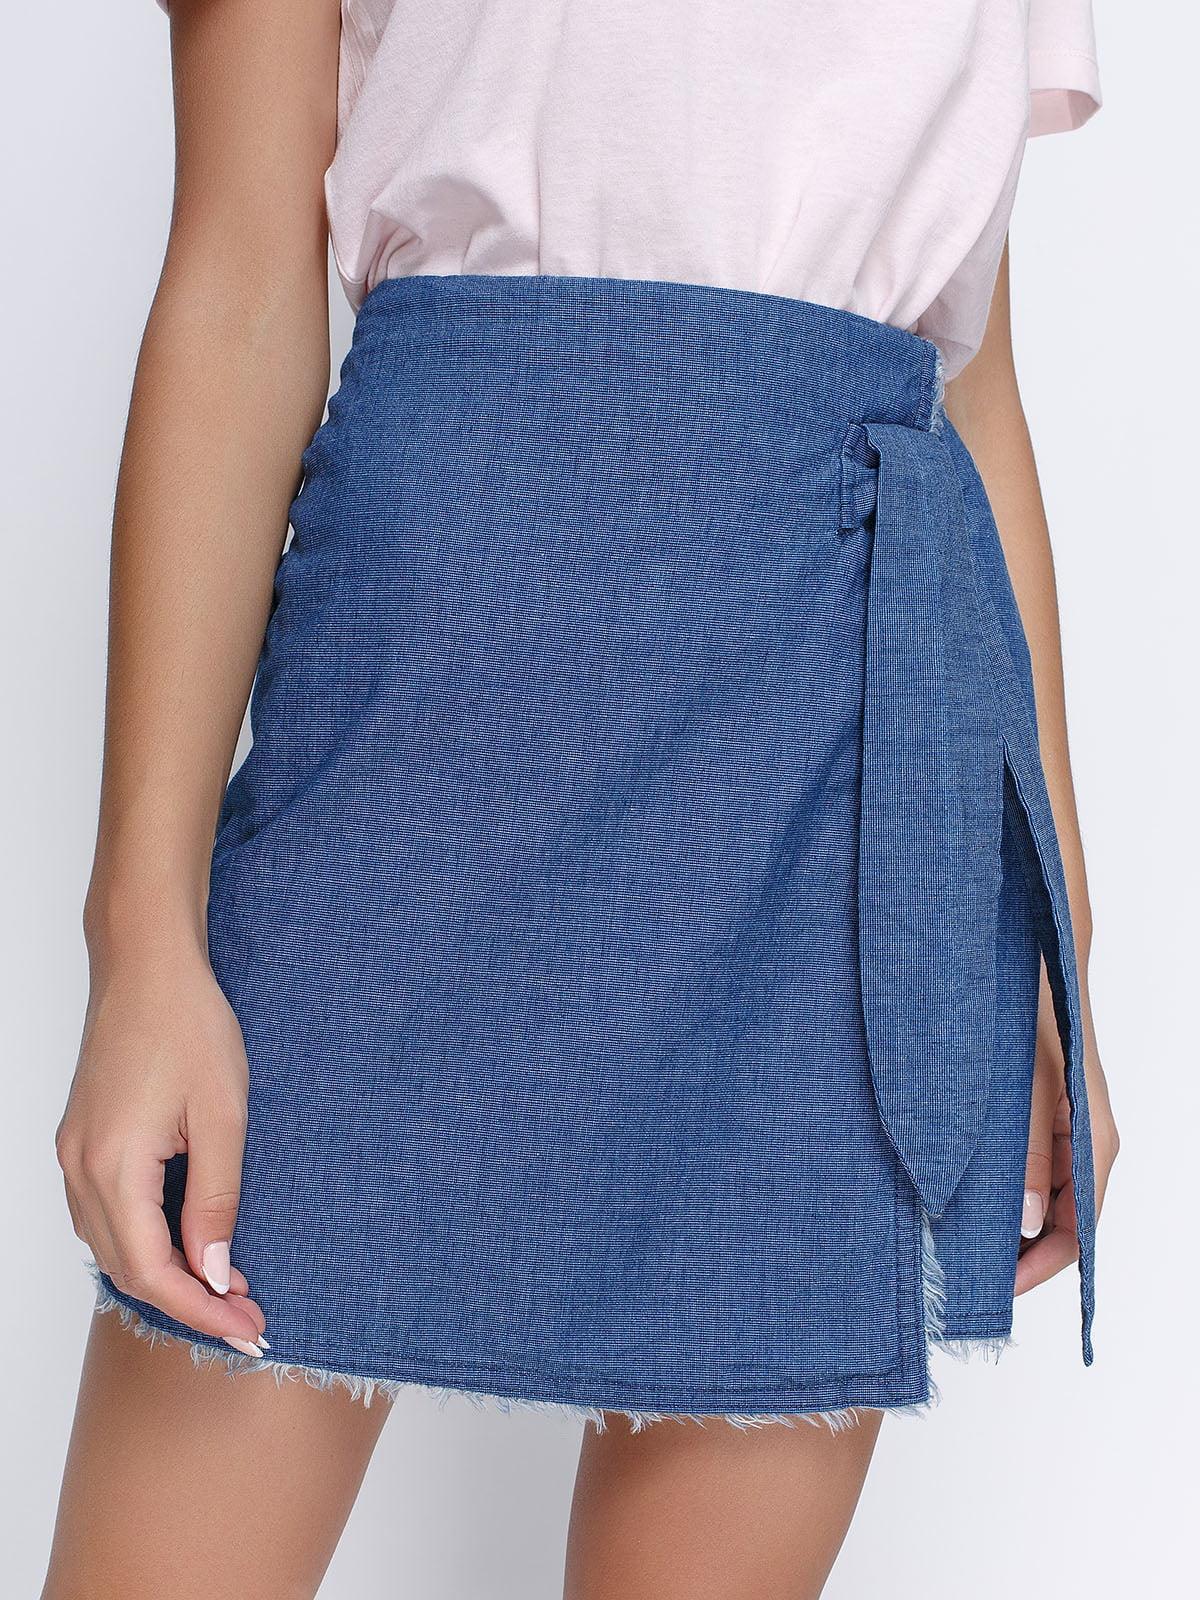 Юбка голубая джинсовая | 4523357 | фото 4